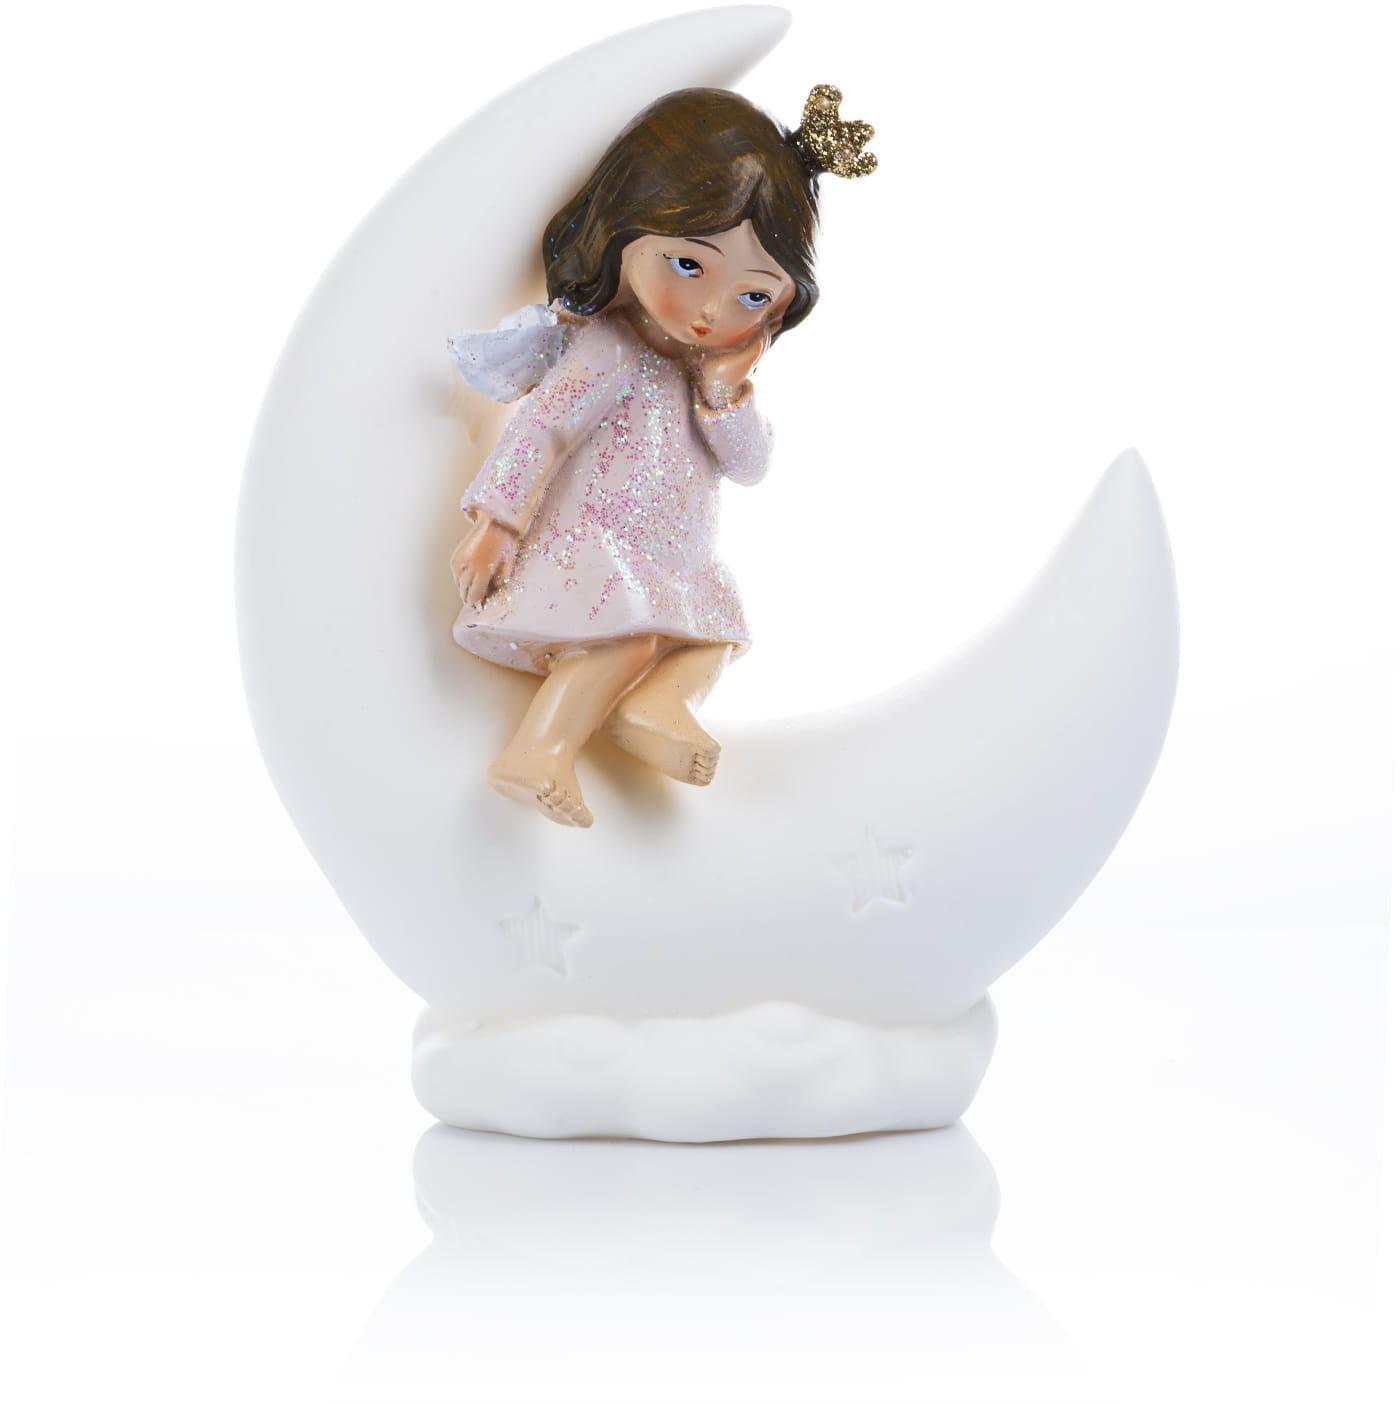 Figurka aniołka na księżycu 18 cm